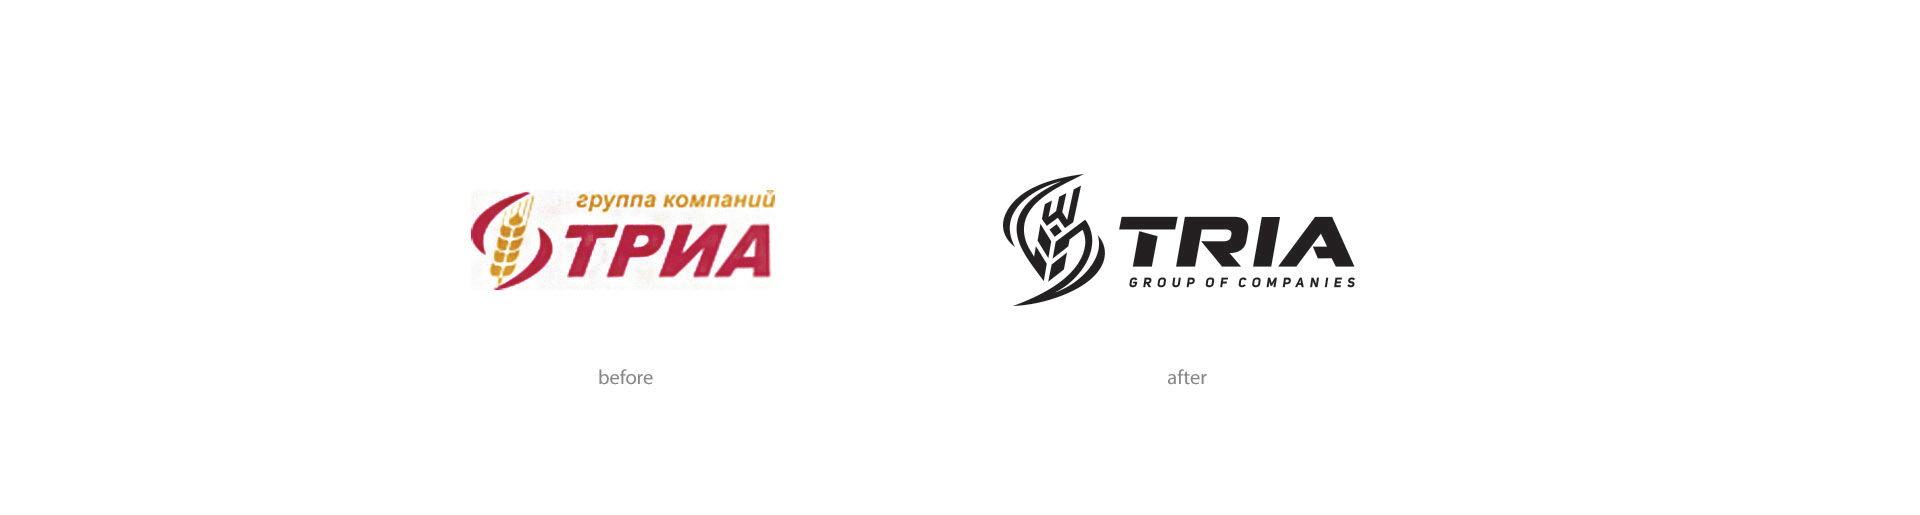 Development of the logo сельскохозяйственной компании, Agro logo design